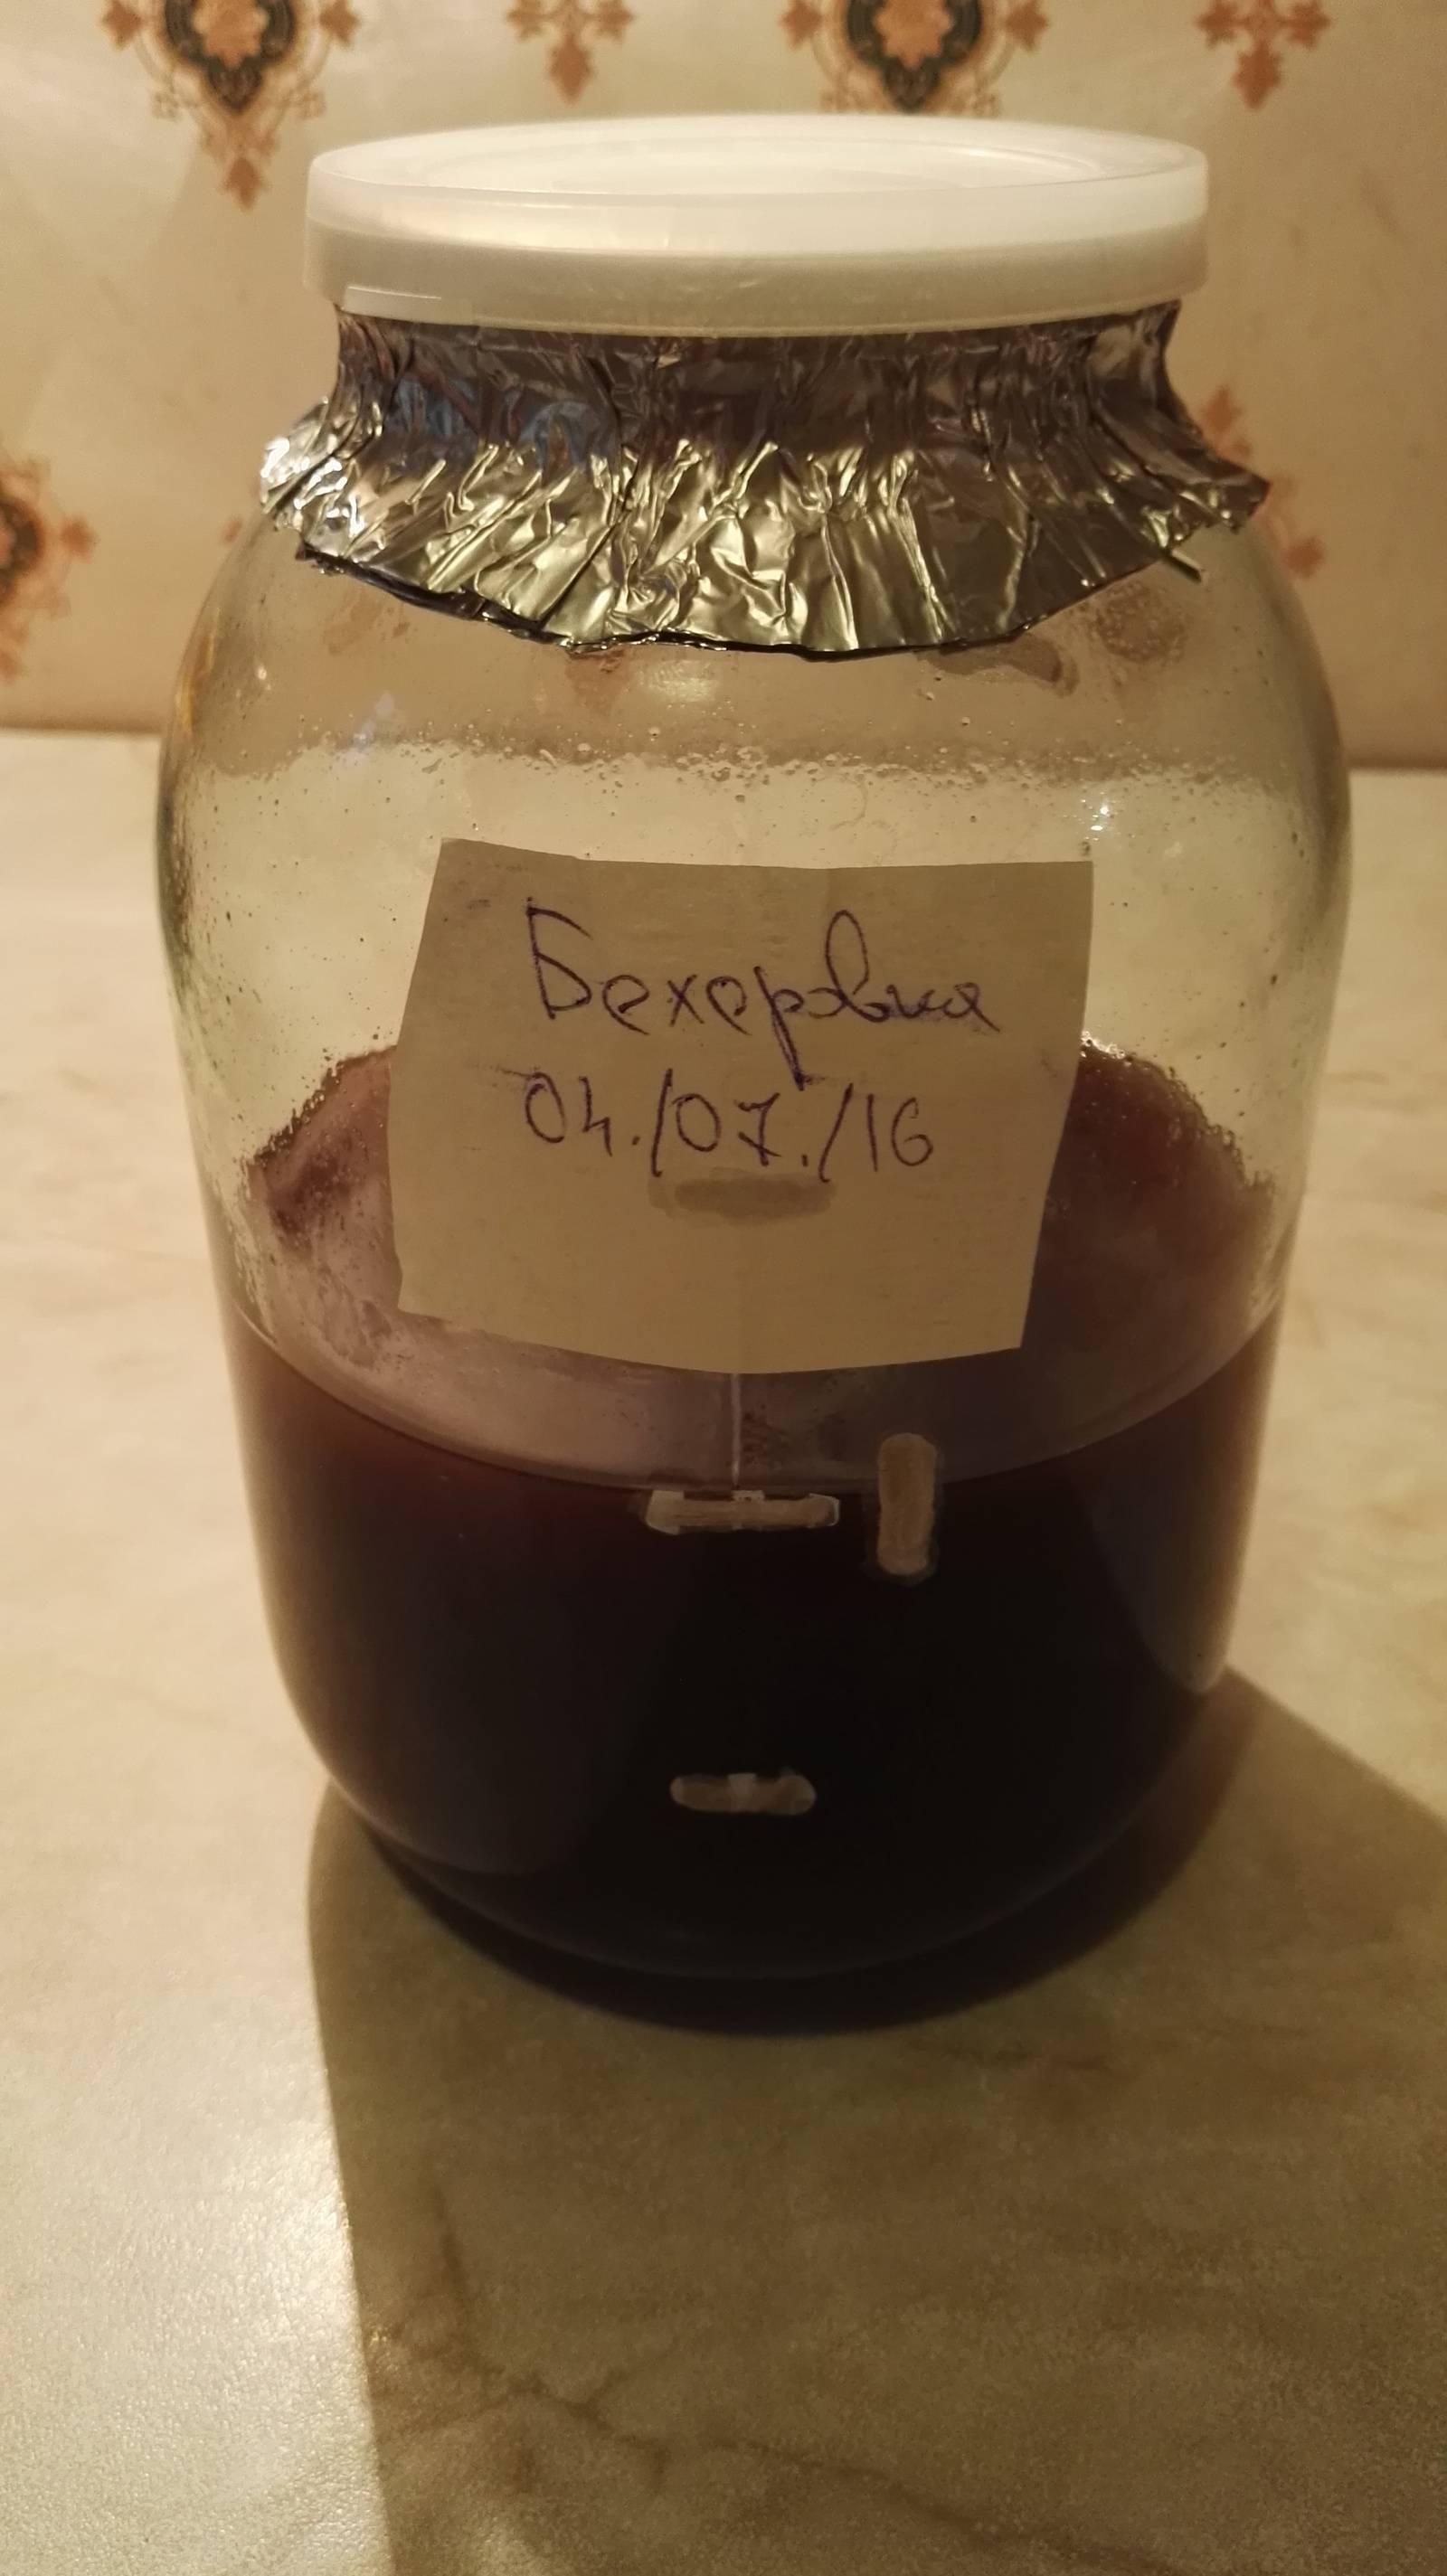 Бехеровка: рецепт приготовления в домашних условиях, настойка на самогоне своими руками